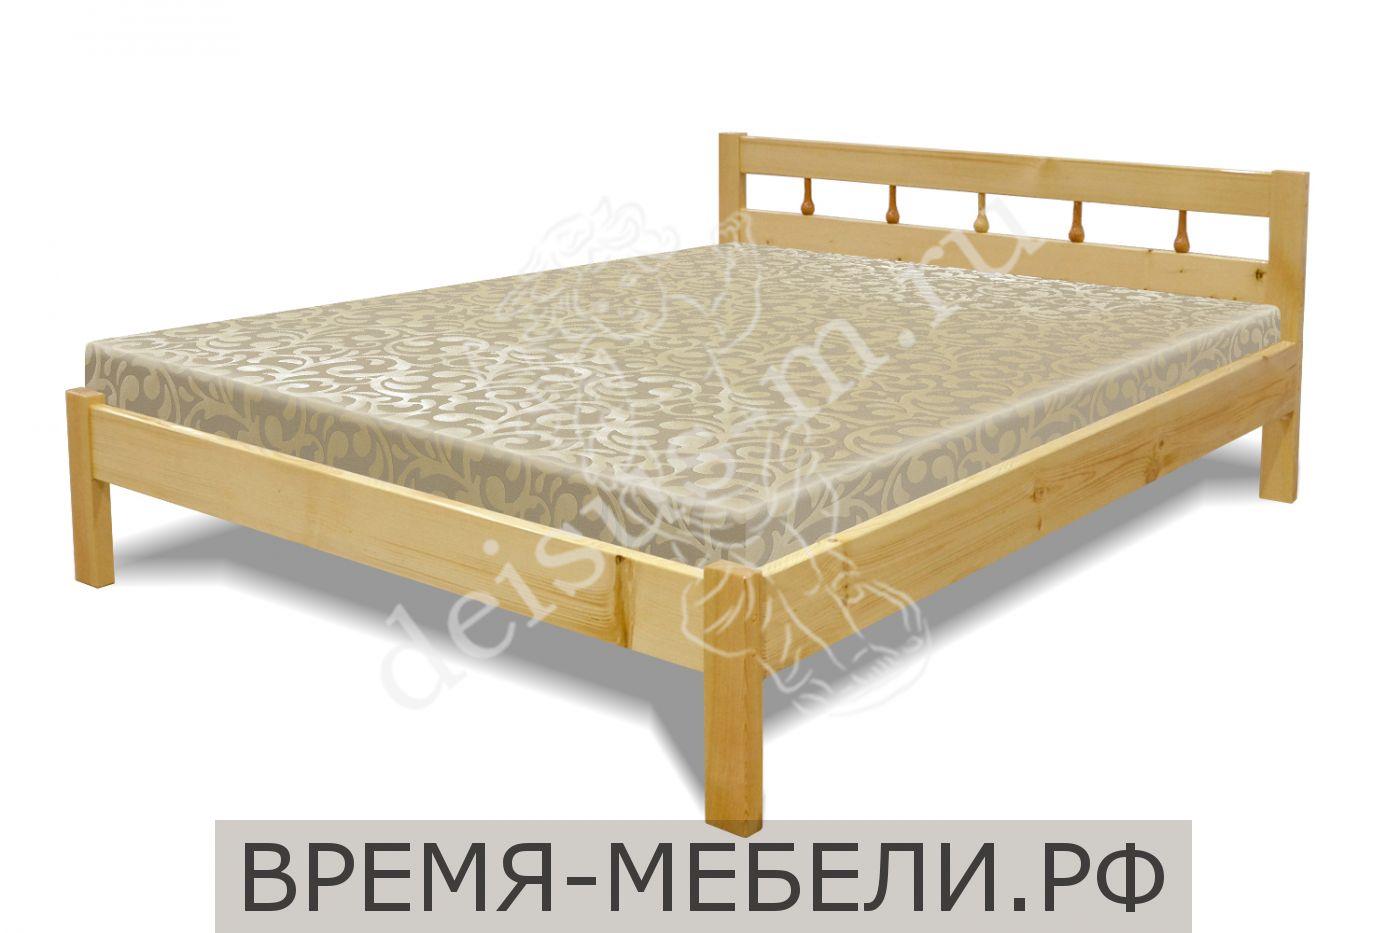 Кровать тахта Дача-М